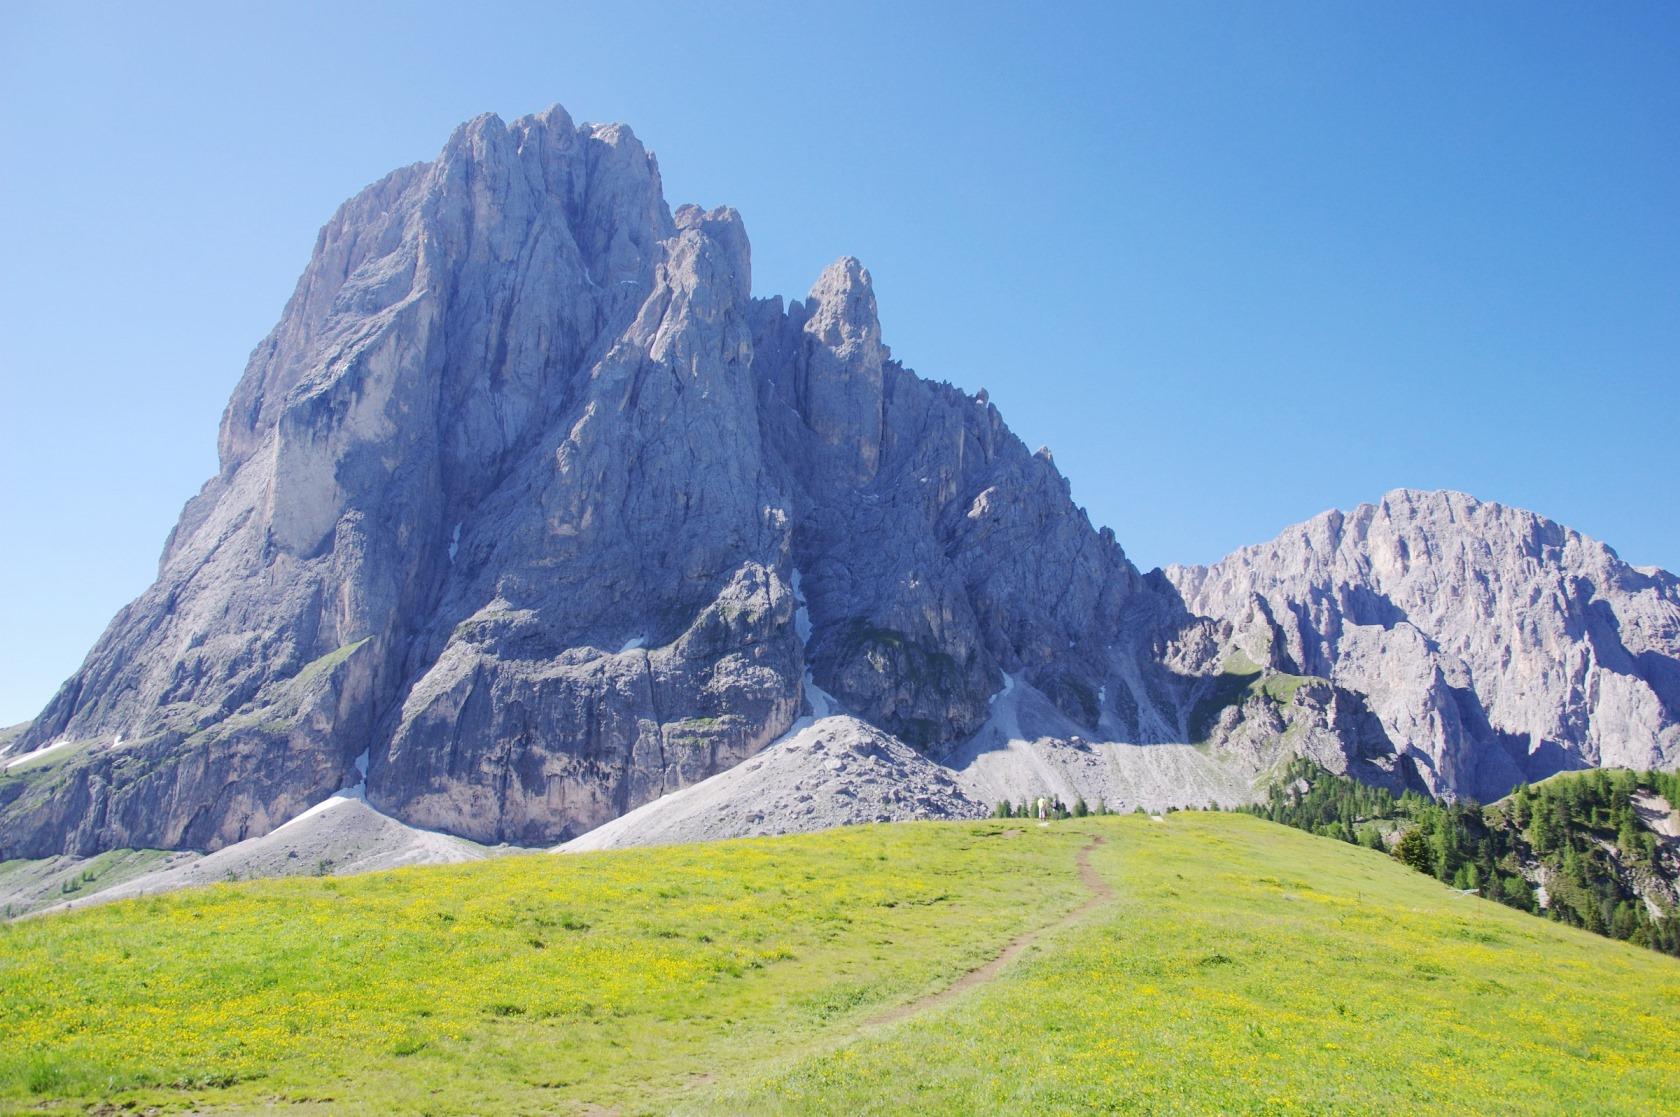 咲き誇る花々と岩峰の競演が美しい夏のドロミテ山群(5日目)